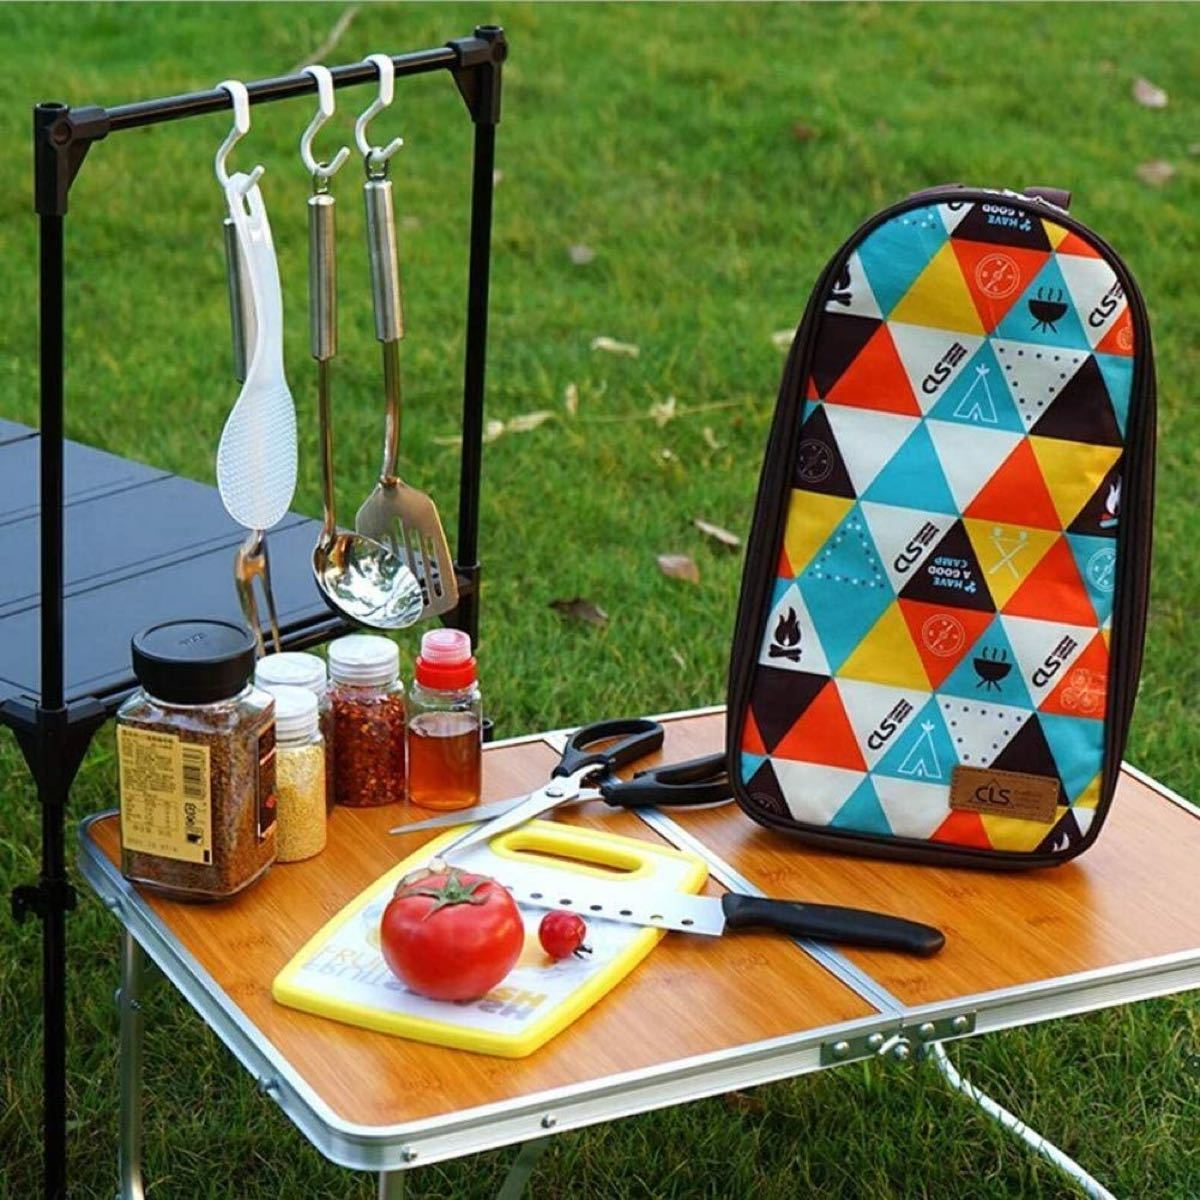 アウトドア キャンプ クッキングツール キャンプ 調理器具 7点セット